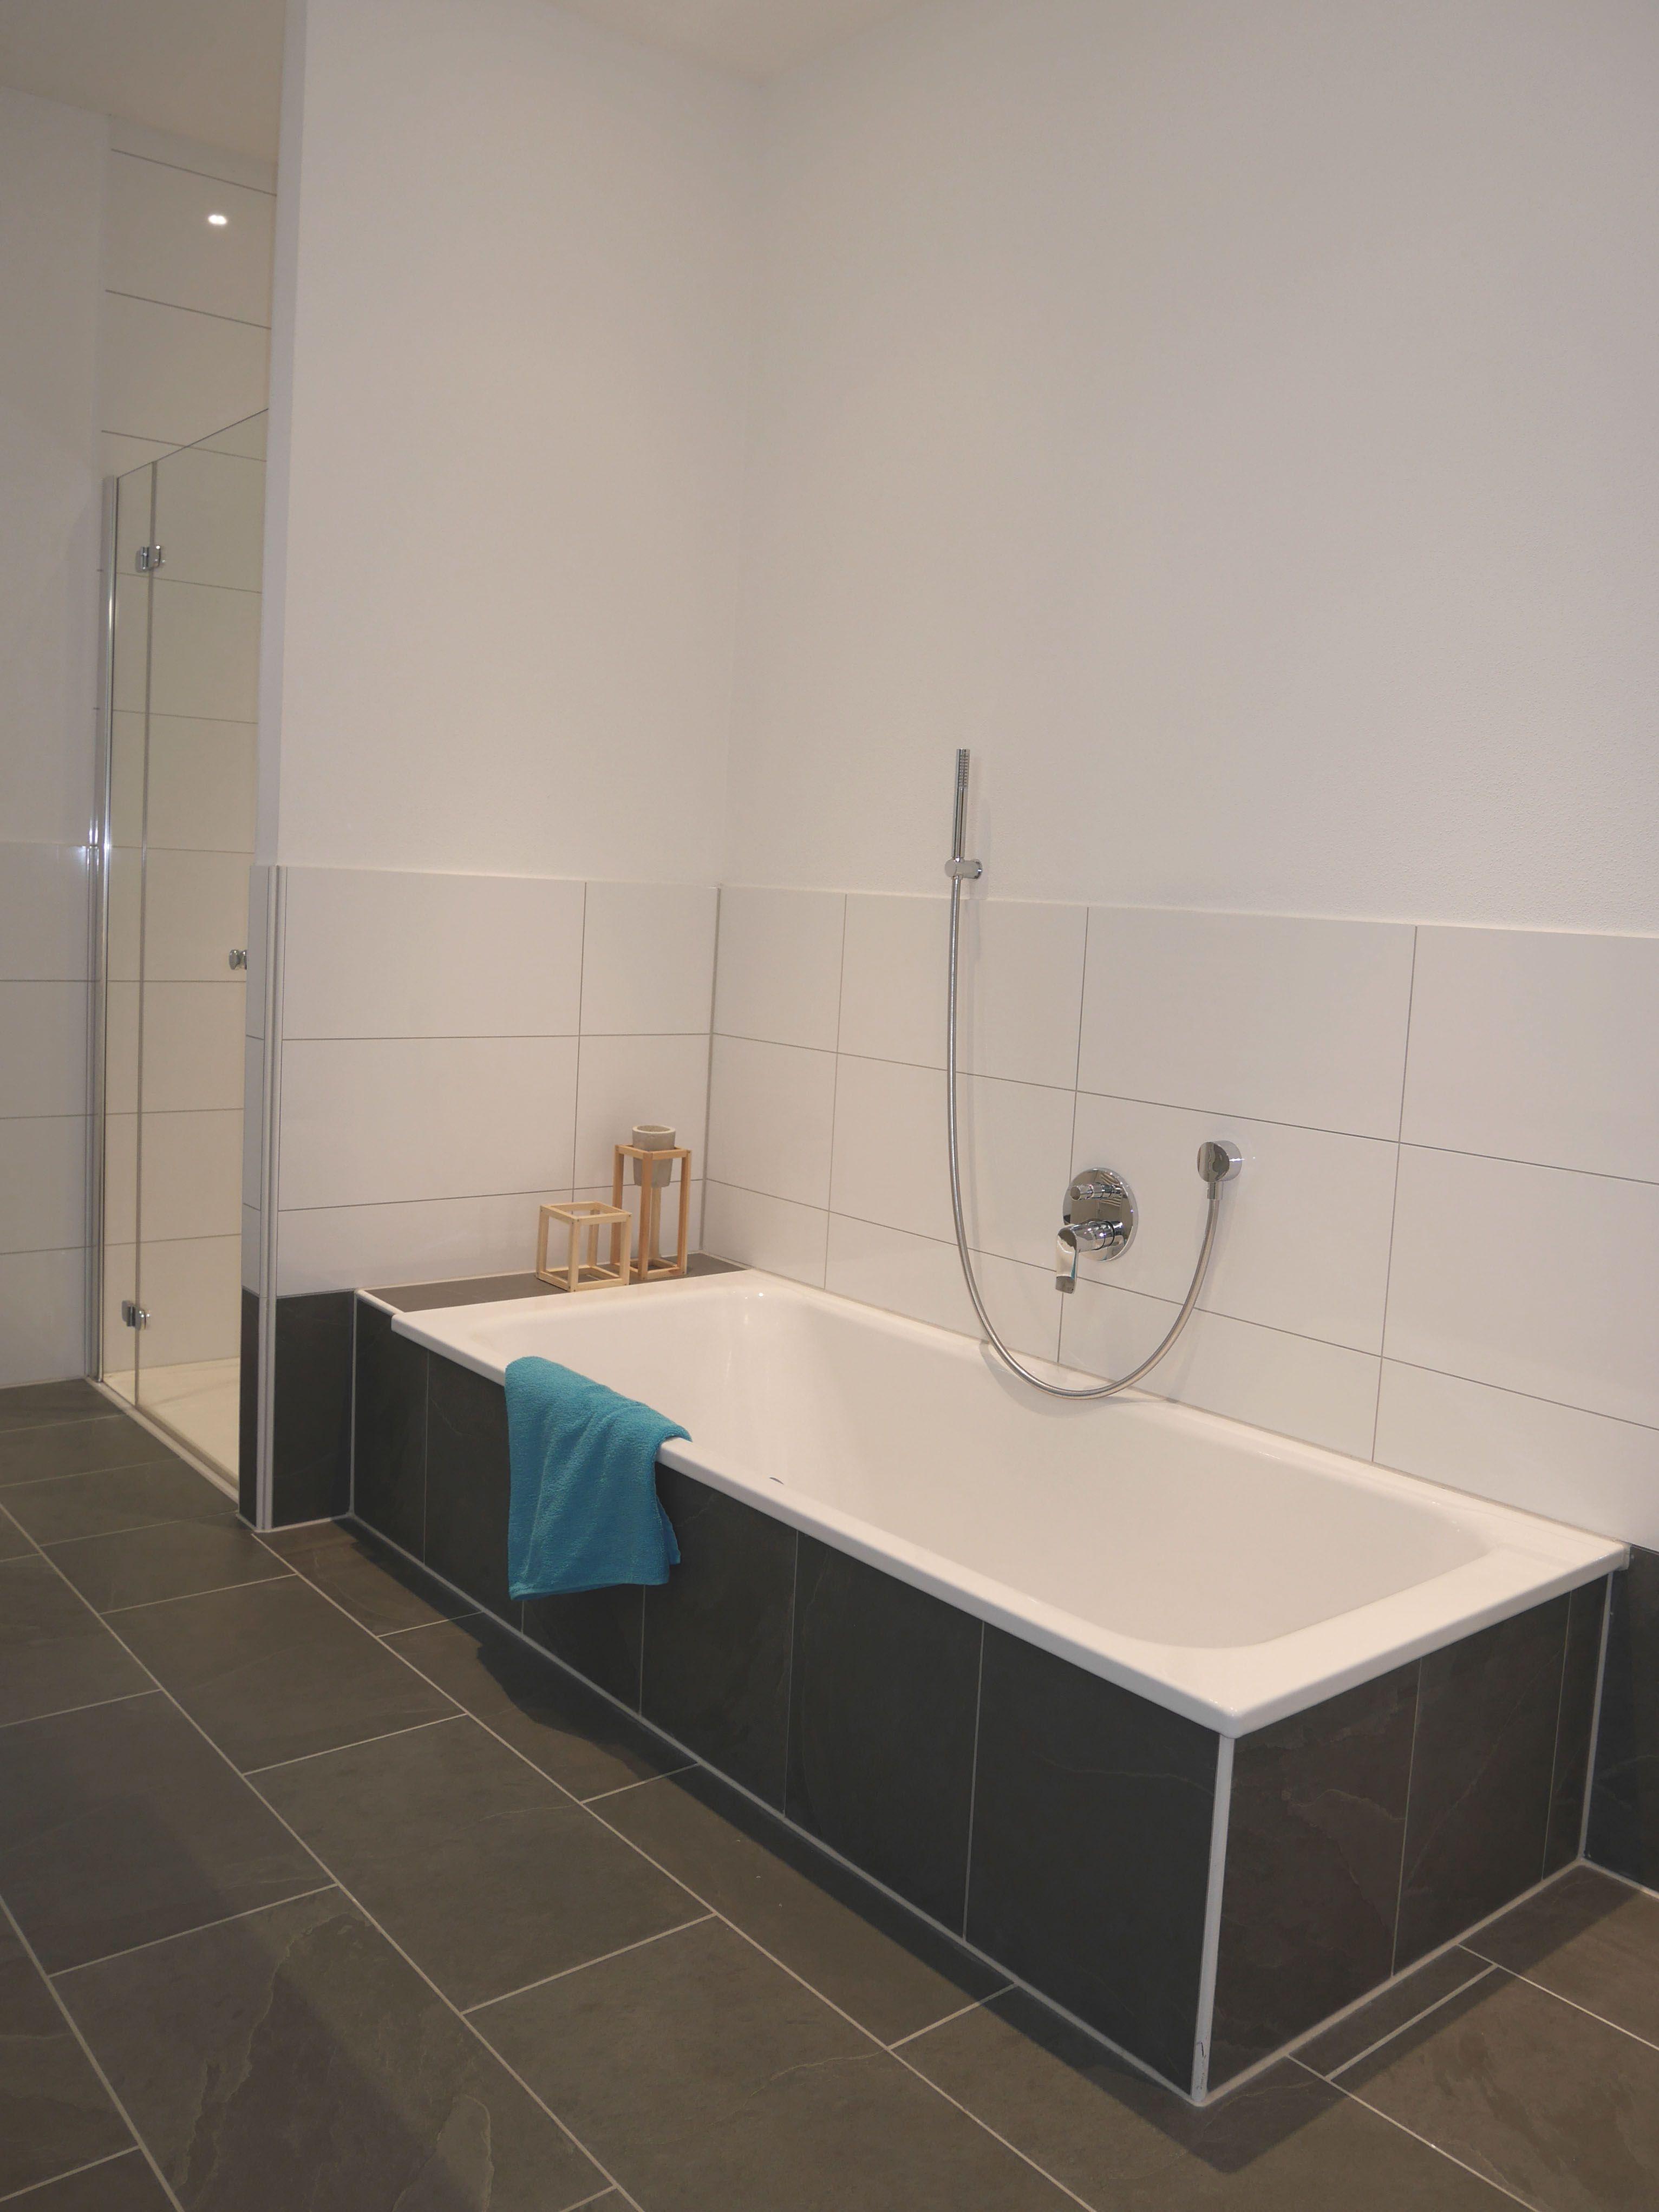 mosaik fliesen badewanne hausbau von mario and diana fliesen im bad k che etc. Black Bedroom Furniture Sets. Home Design Ideas